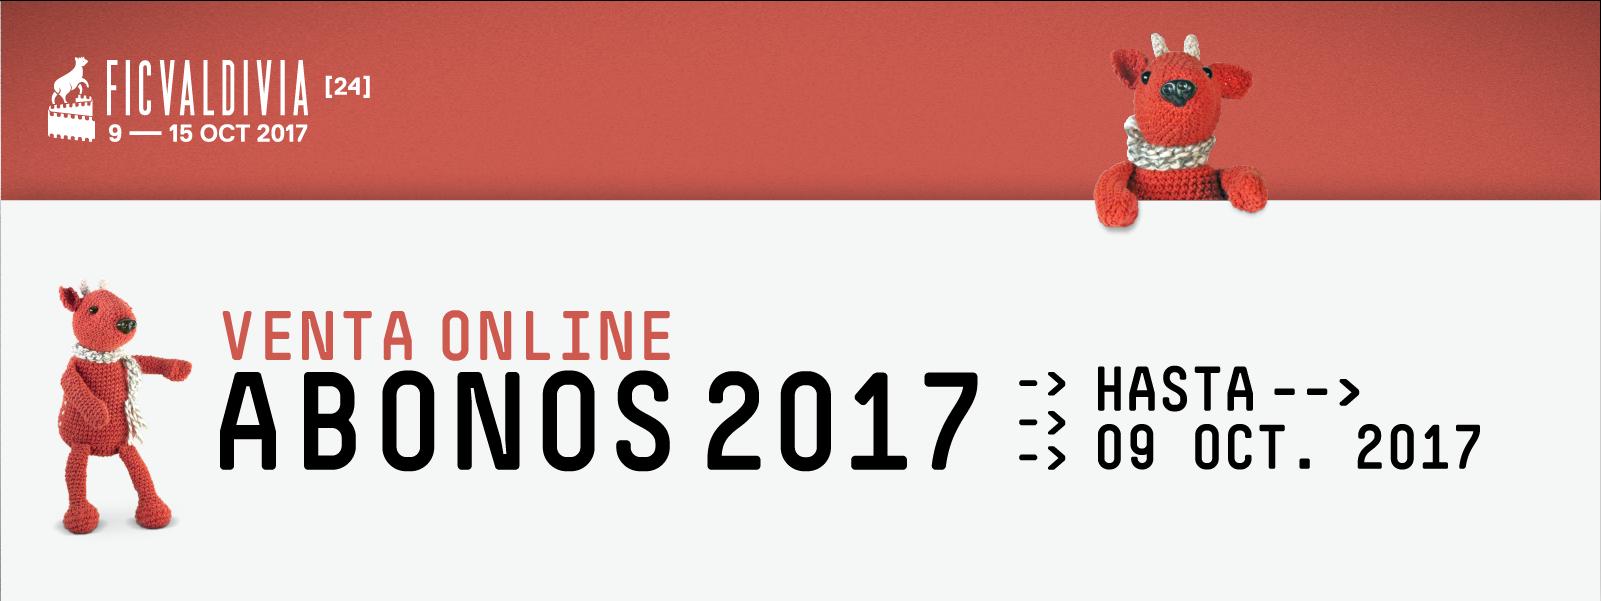 Venta Online Abonos 2017